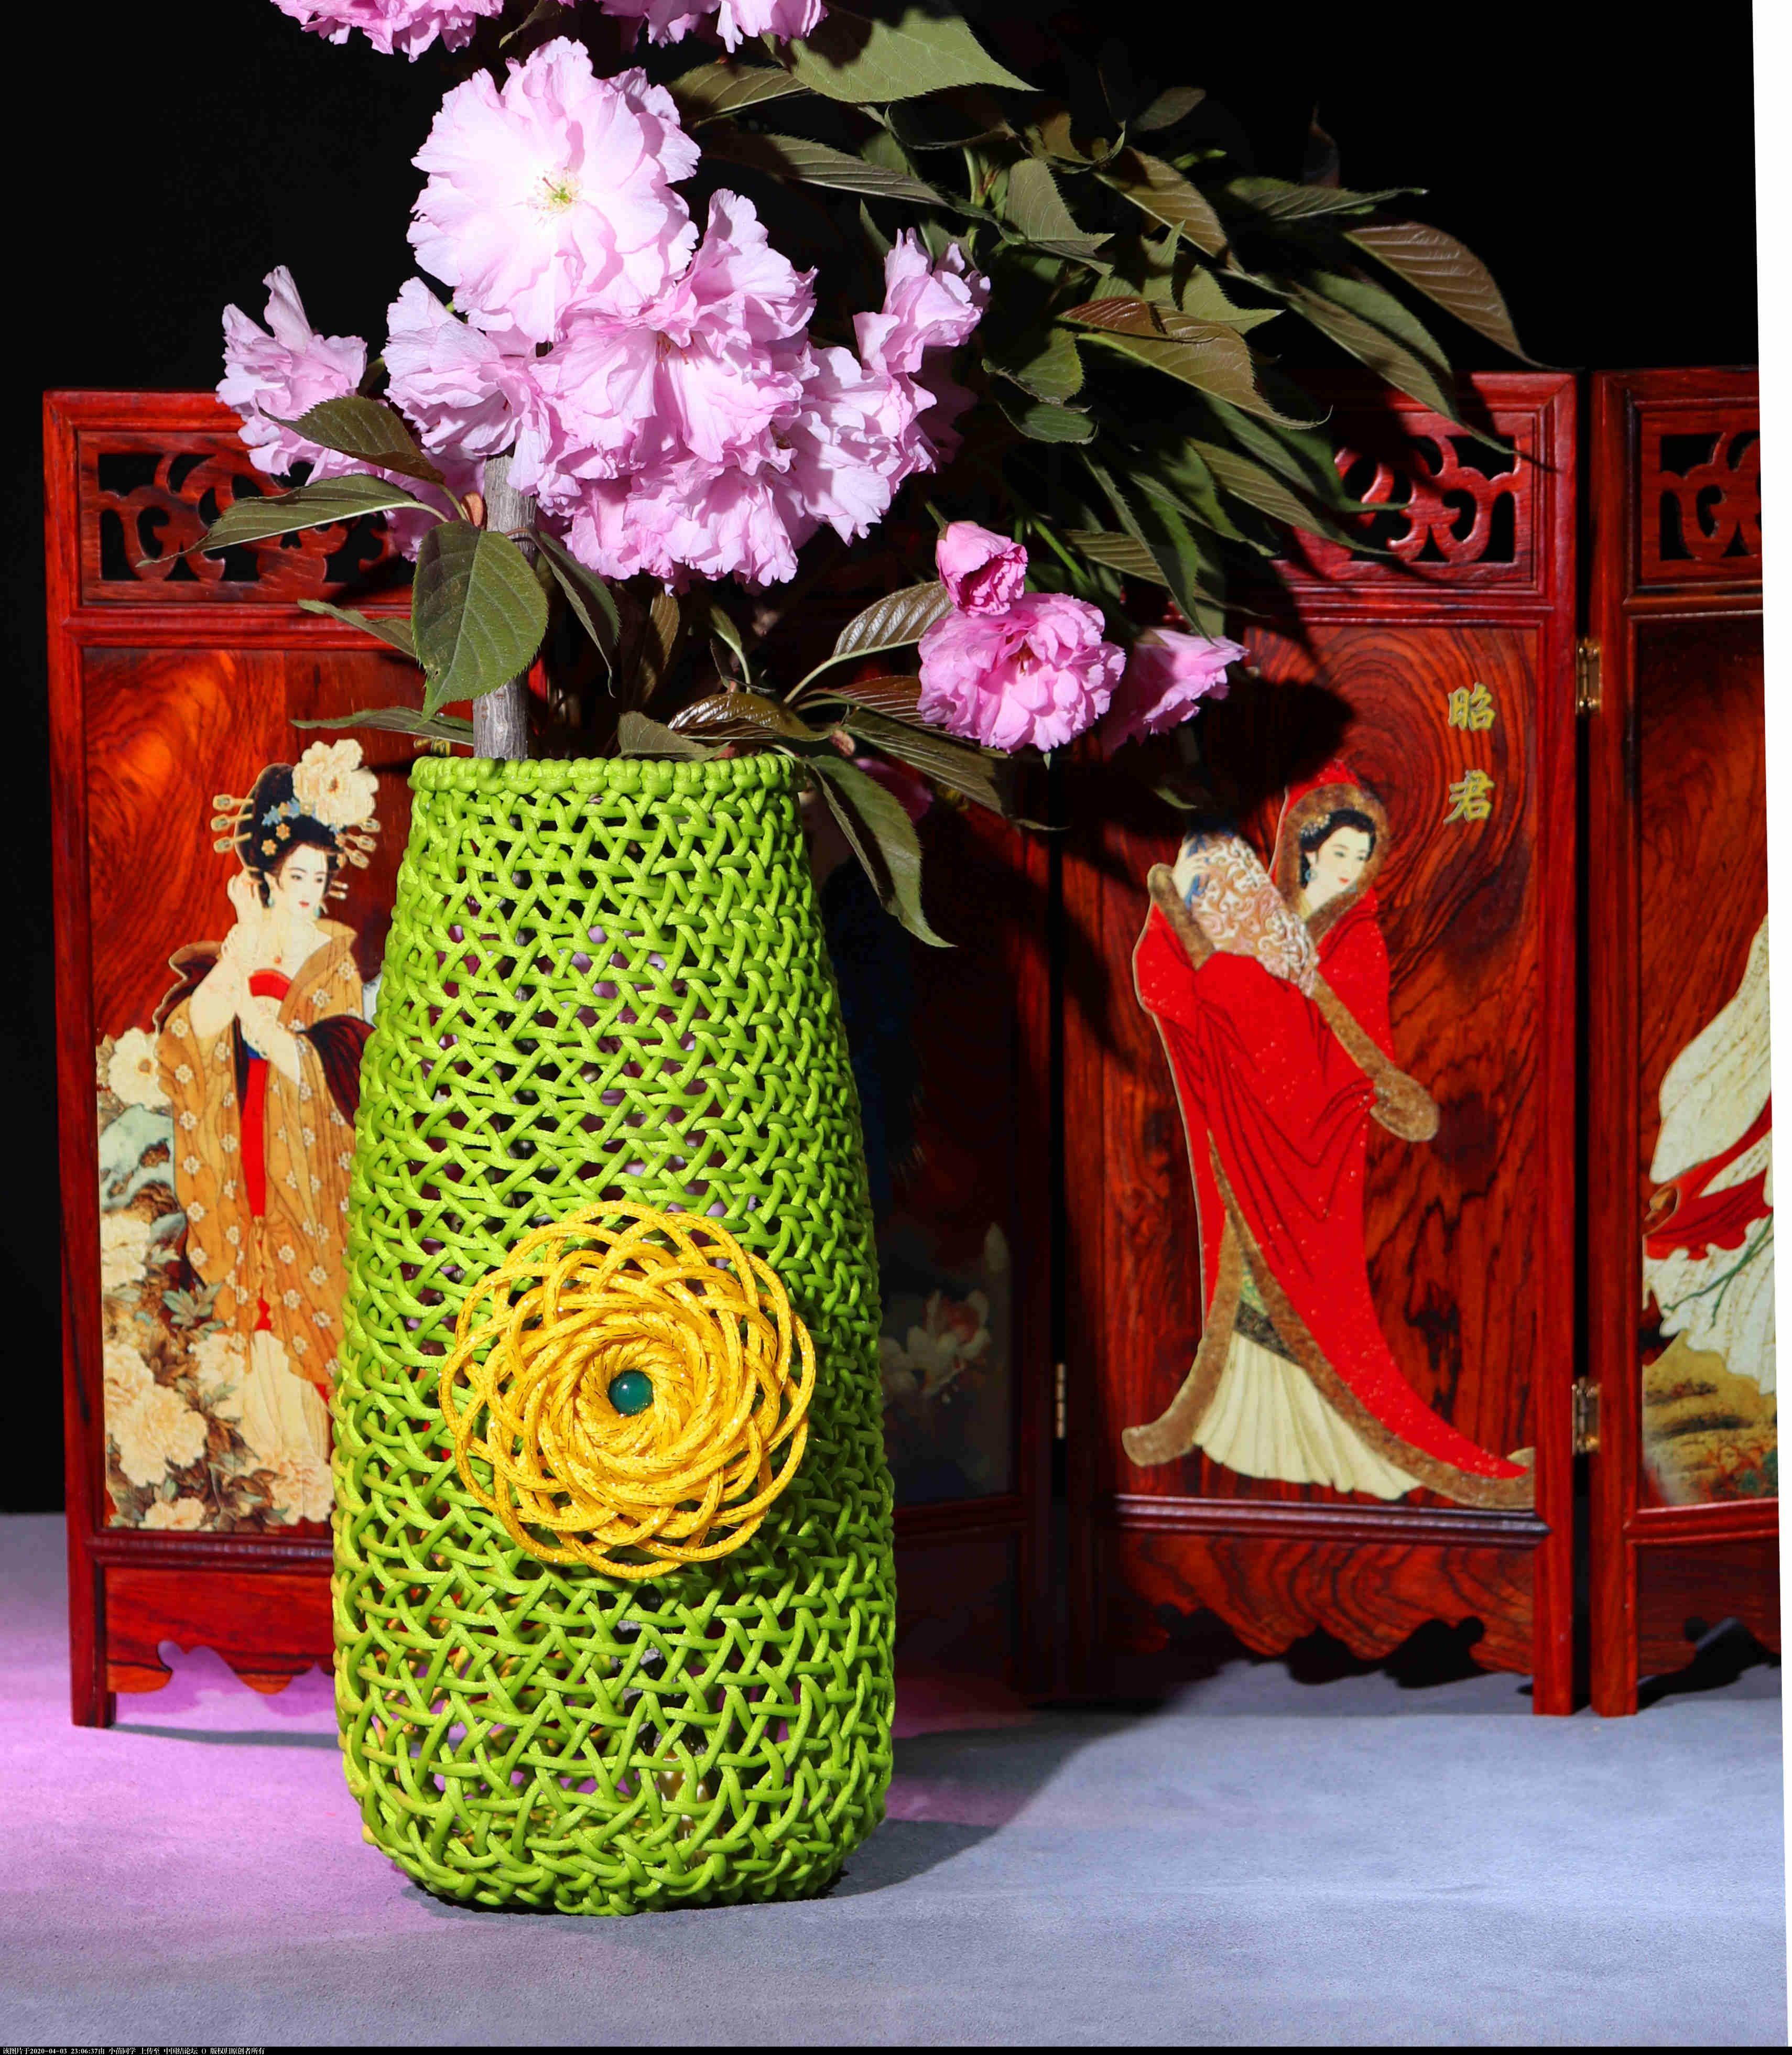 中国结论坛 花股结花瓶 花瓶,花瓶图案,大花瓶,花瓶姑娘,花瓶什么意思 作品展示 230629rtuigi5gs775t85r